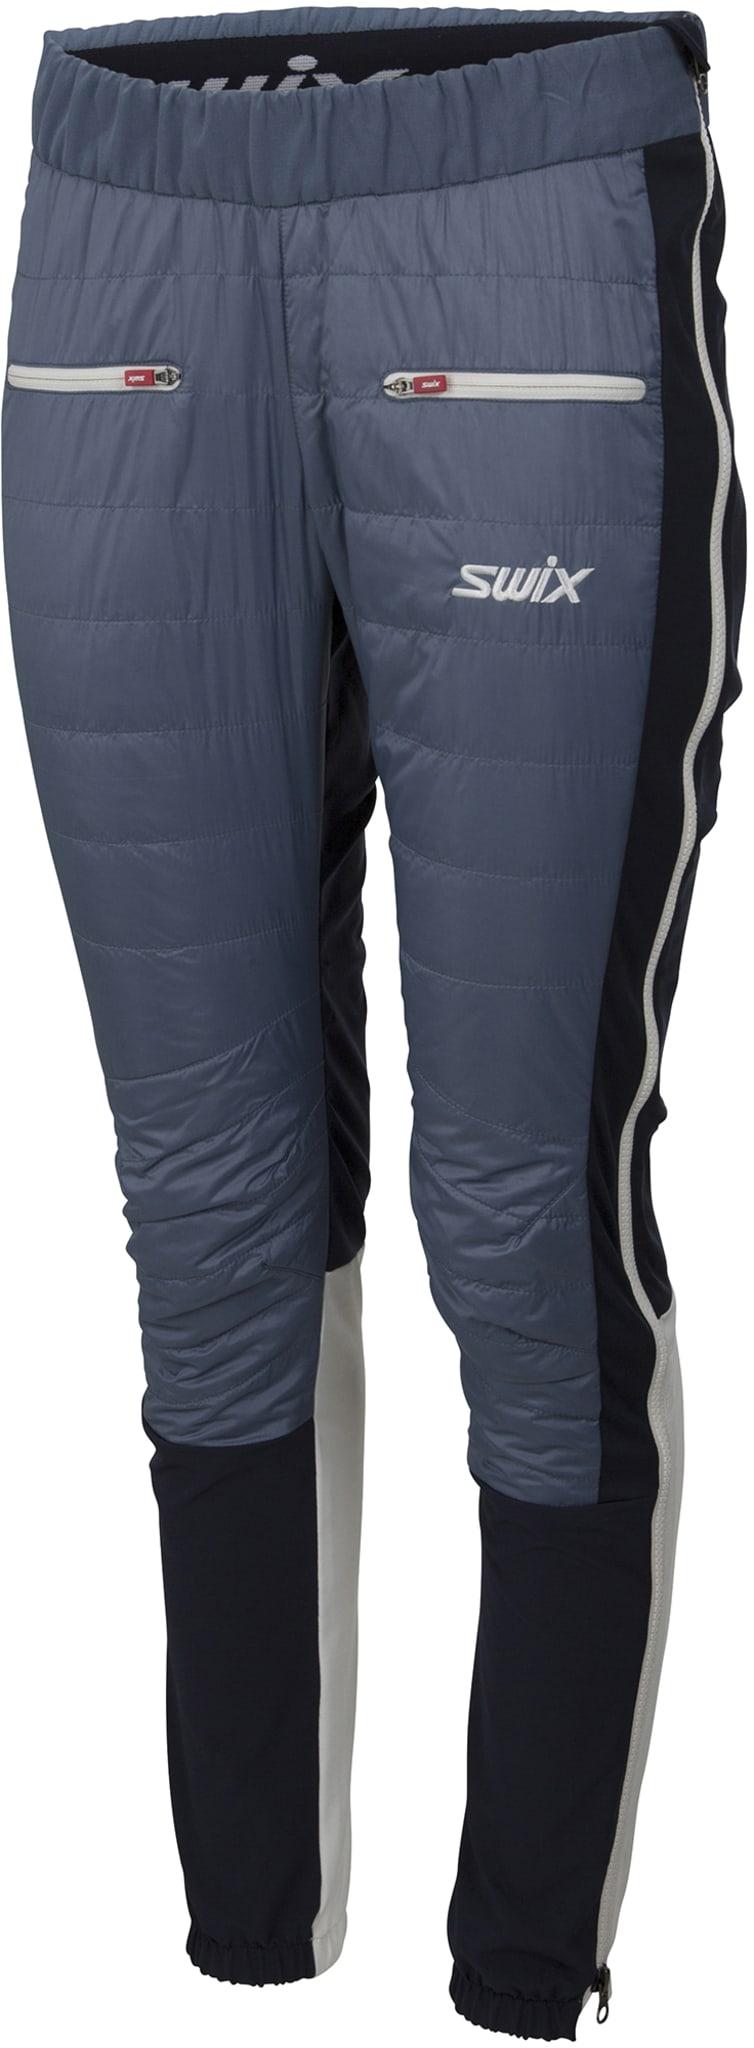 Horizon Pants W